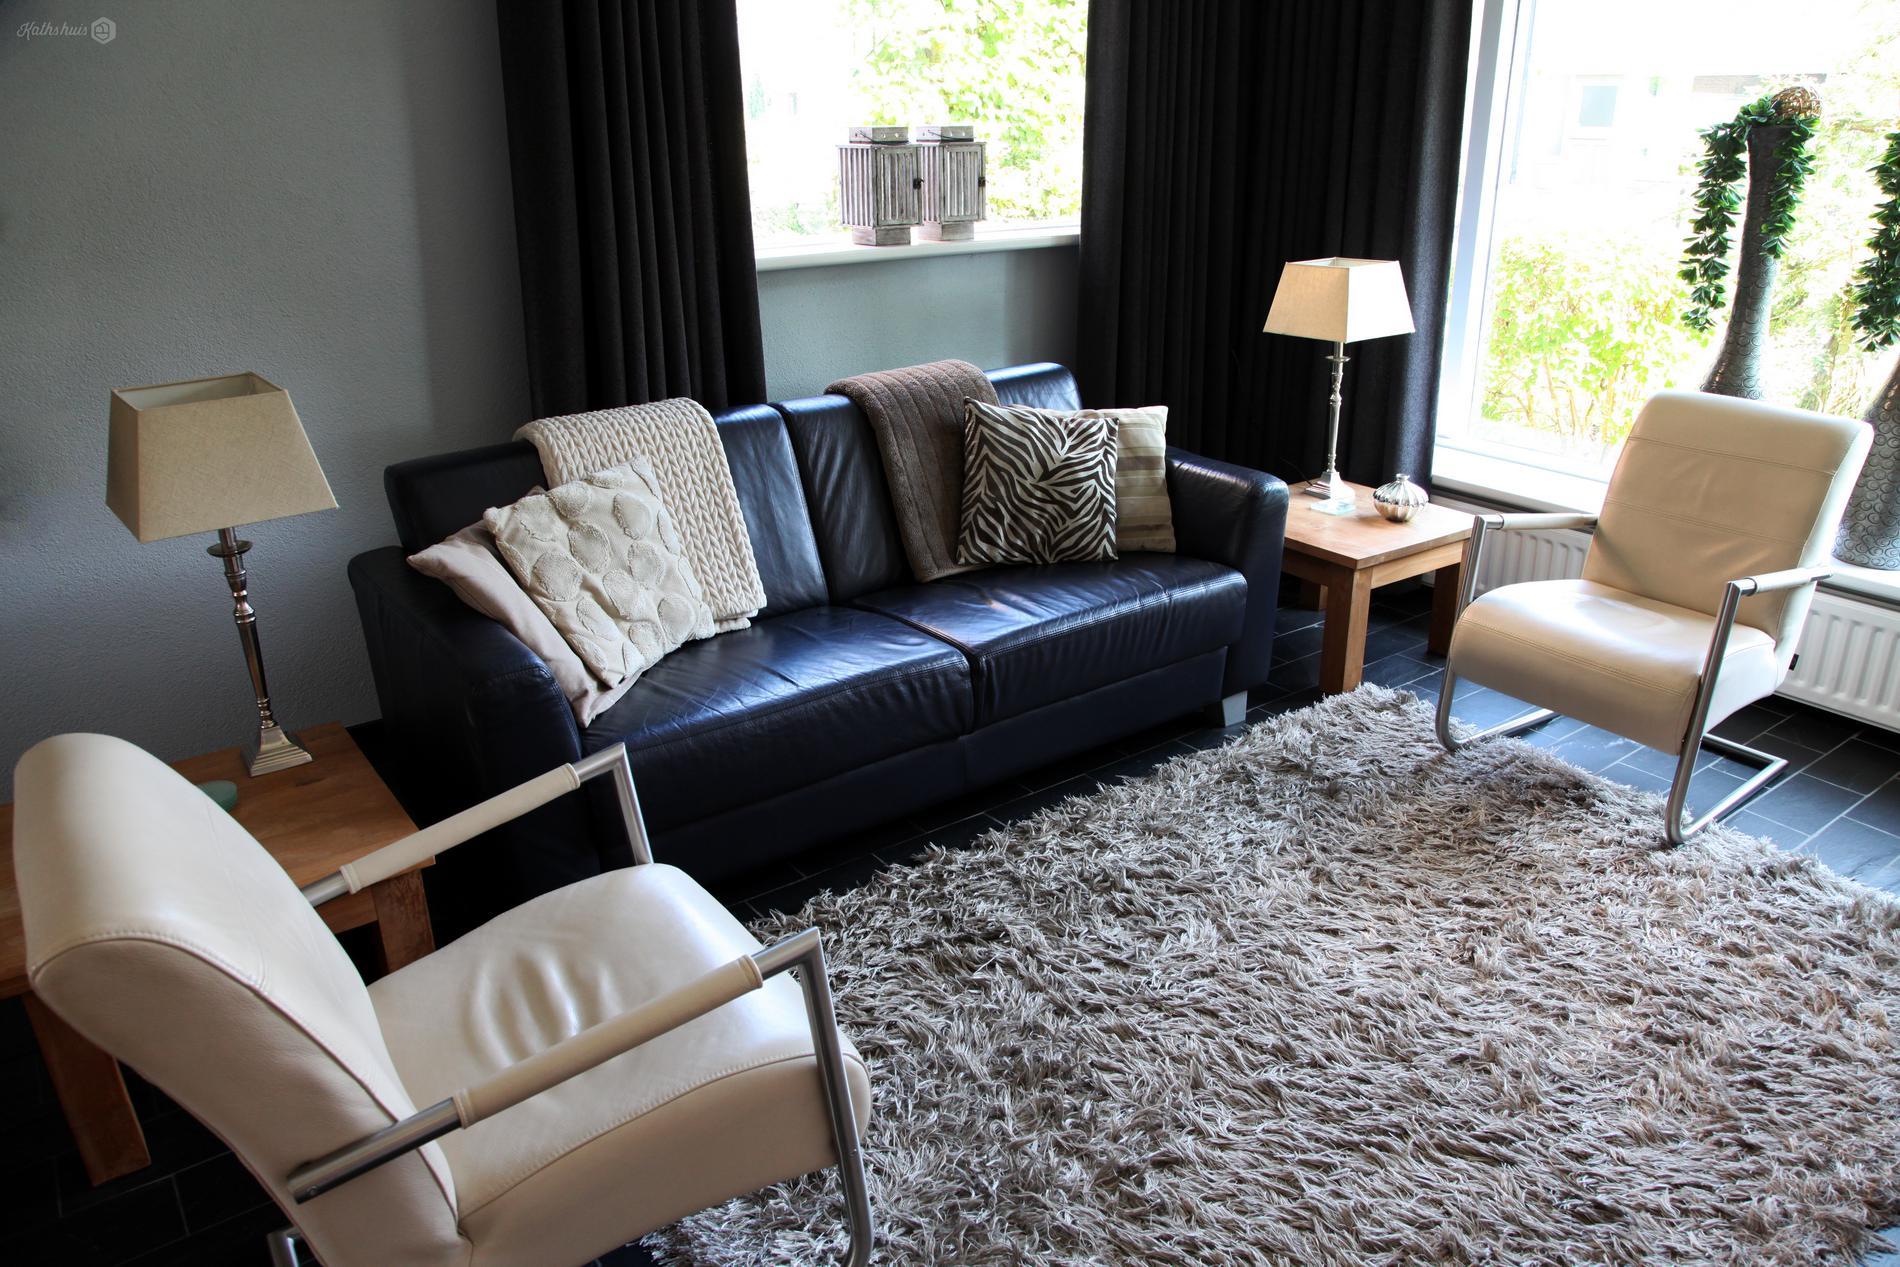 Interieur slaapkamer ontwerp gehoor geven aan uw huis - Interieur decoratie ontwerp ...